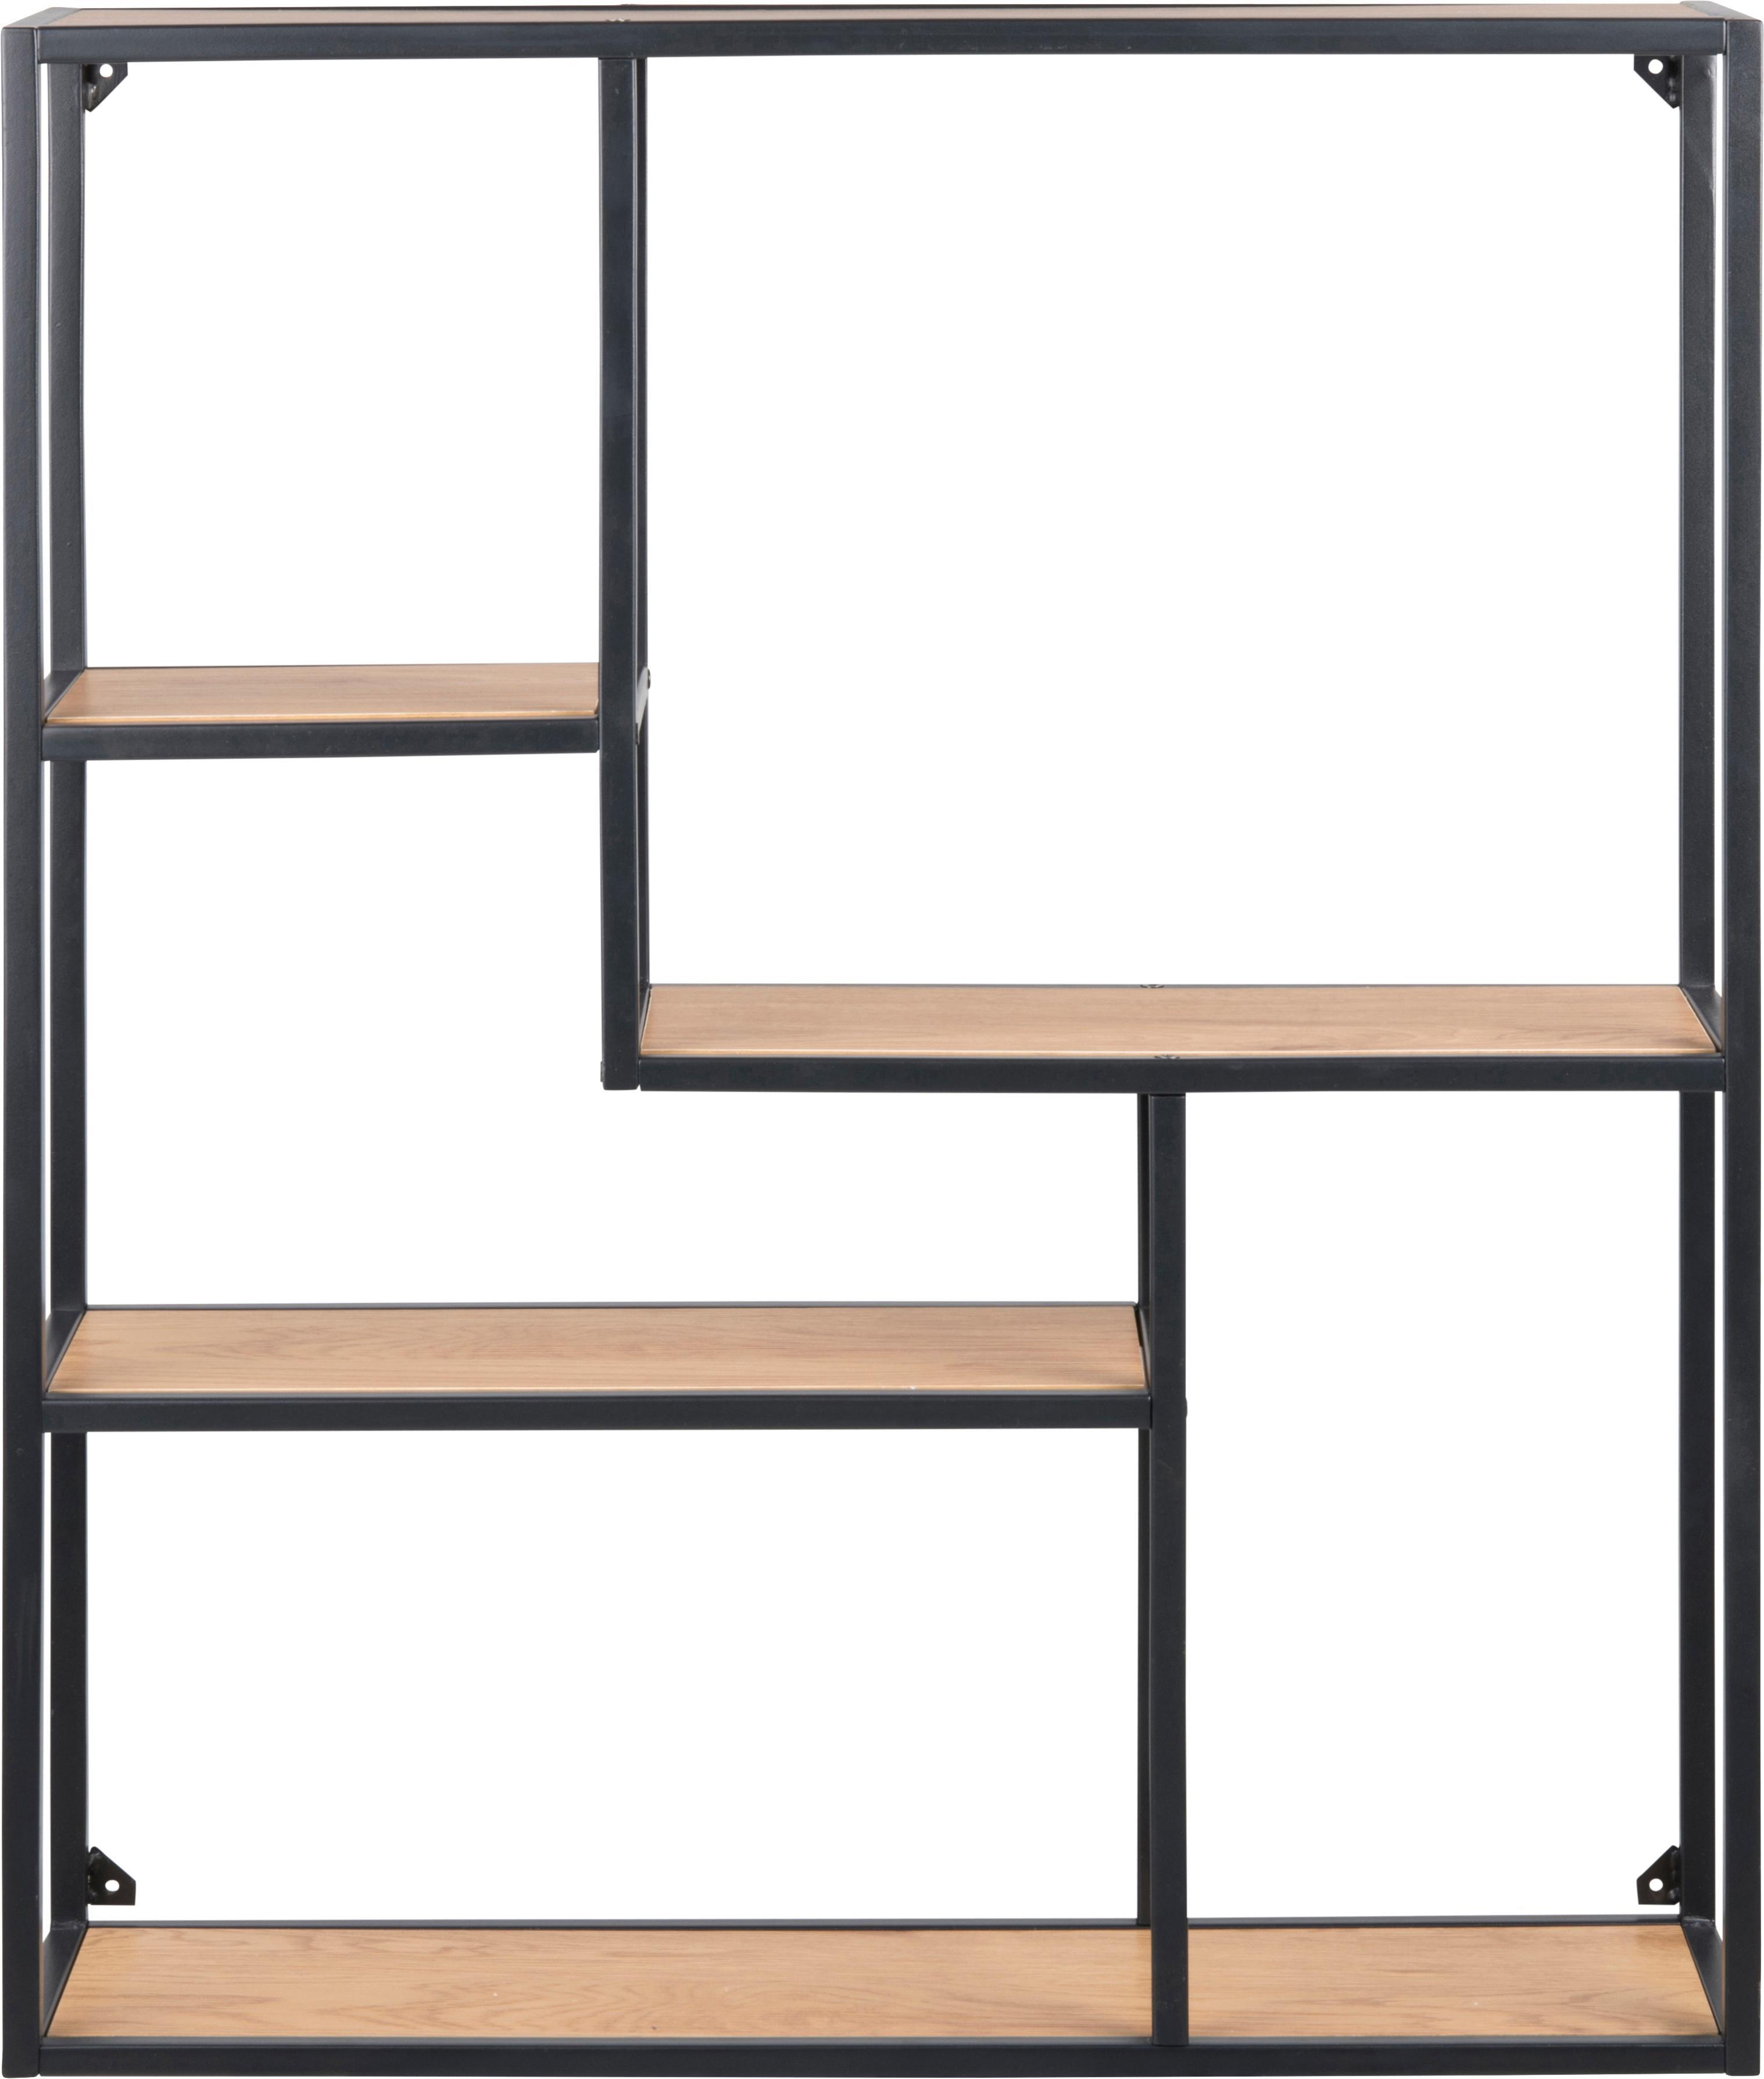 Wandrek Seaford Zig van hout en metaal, Frame: gepoedercoat metaal, Planken: eikenhoutkleurig. Frame: zwart, 75 x 91 cm